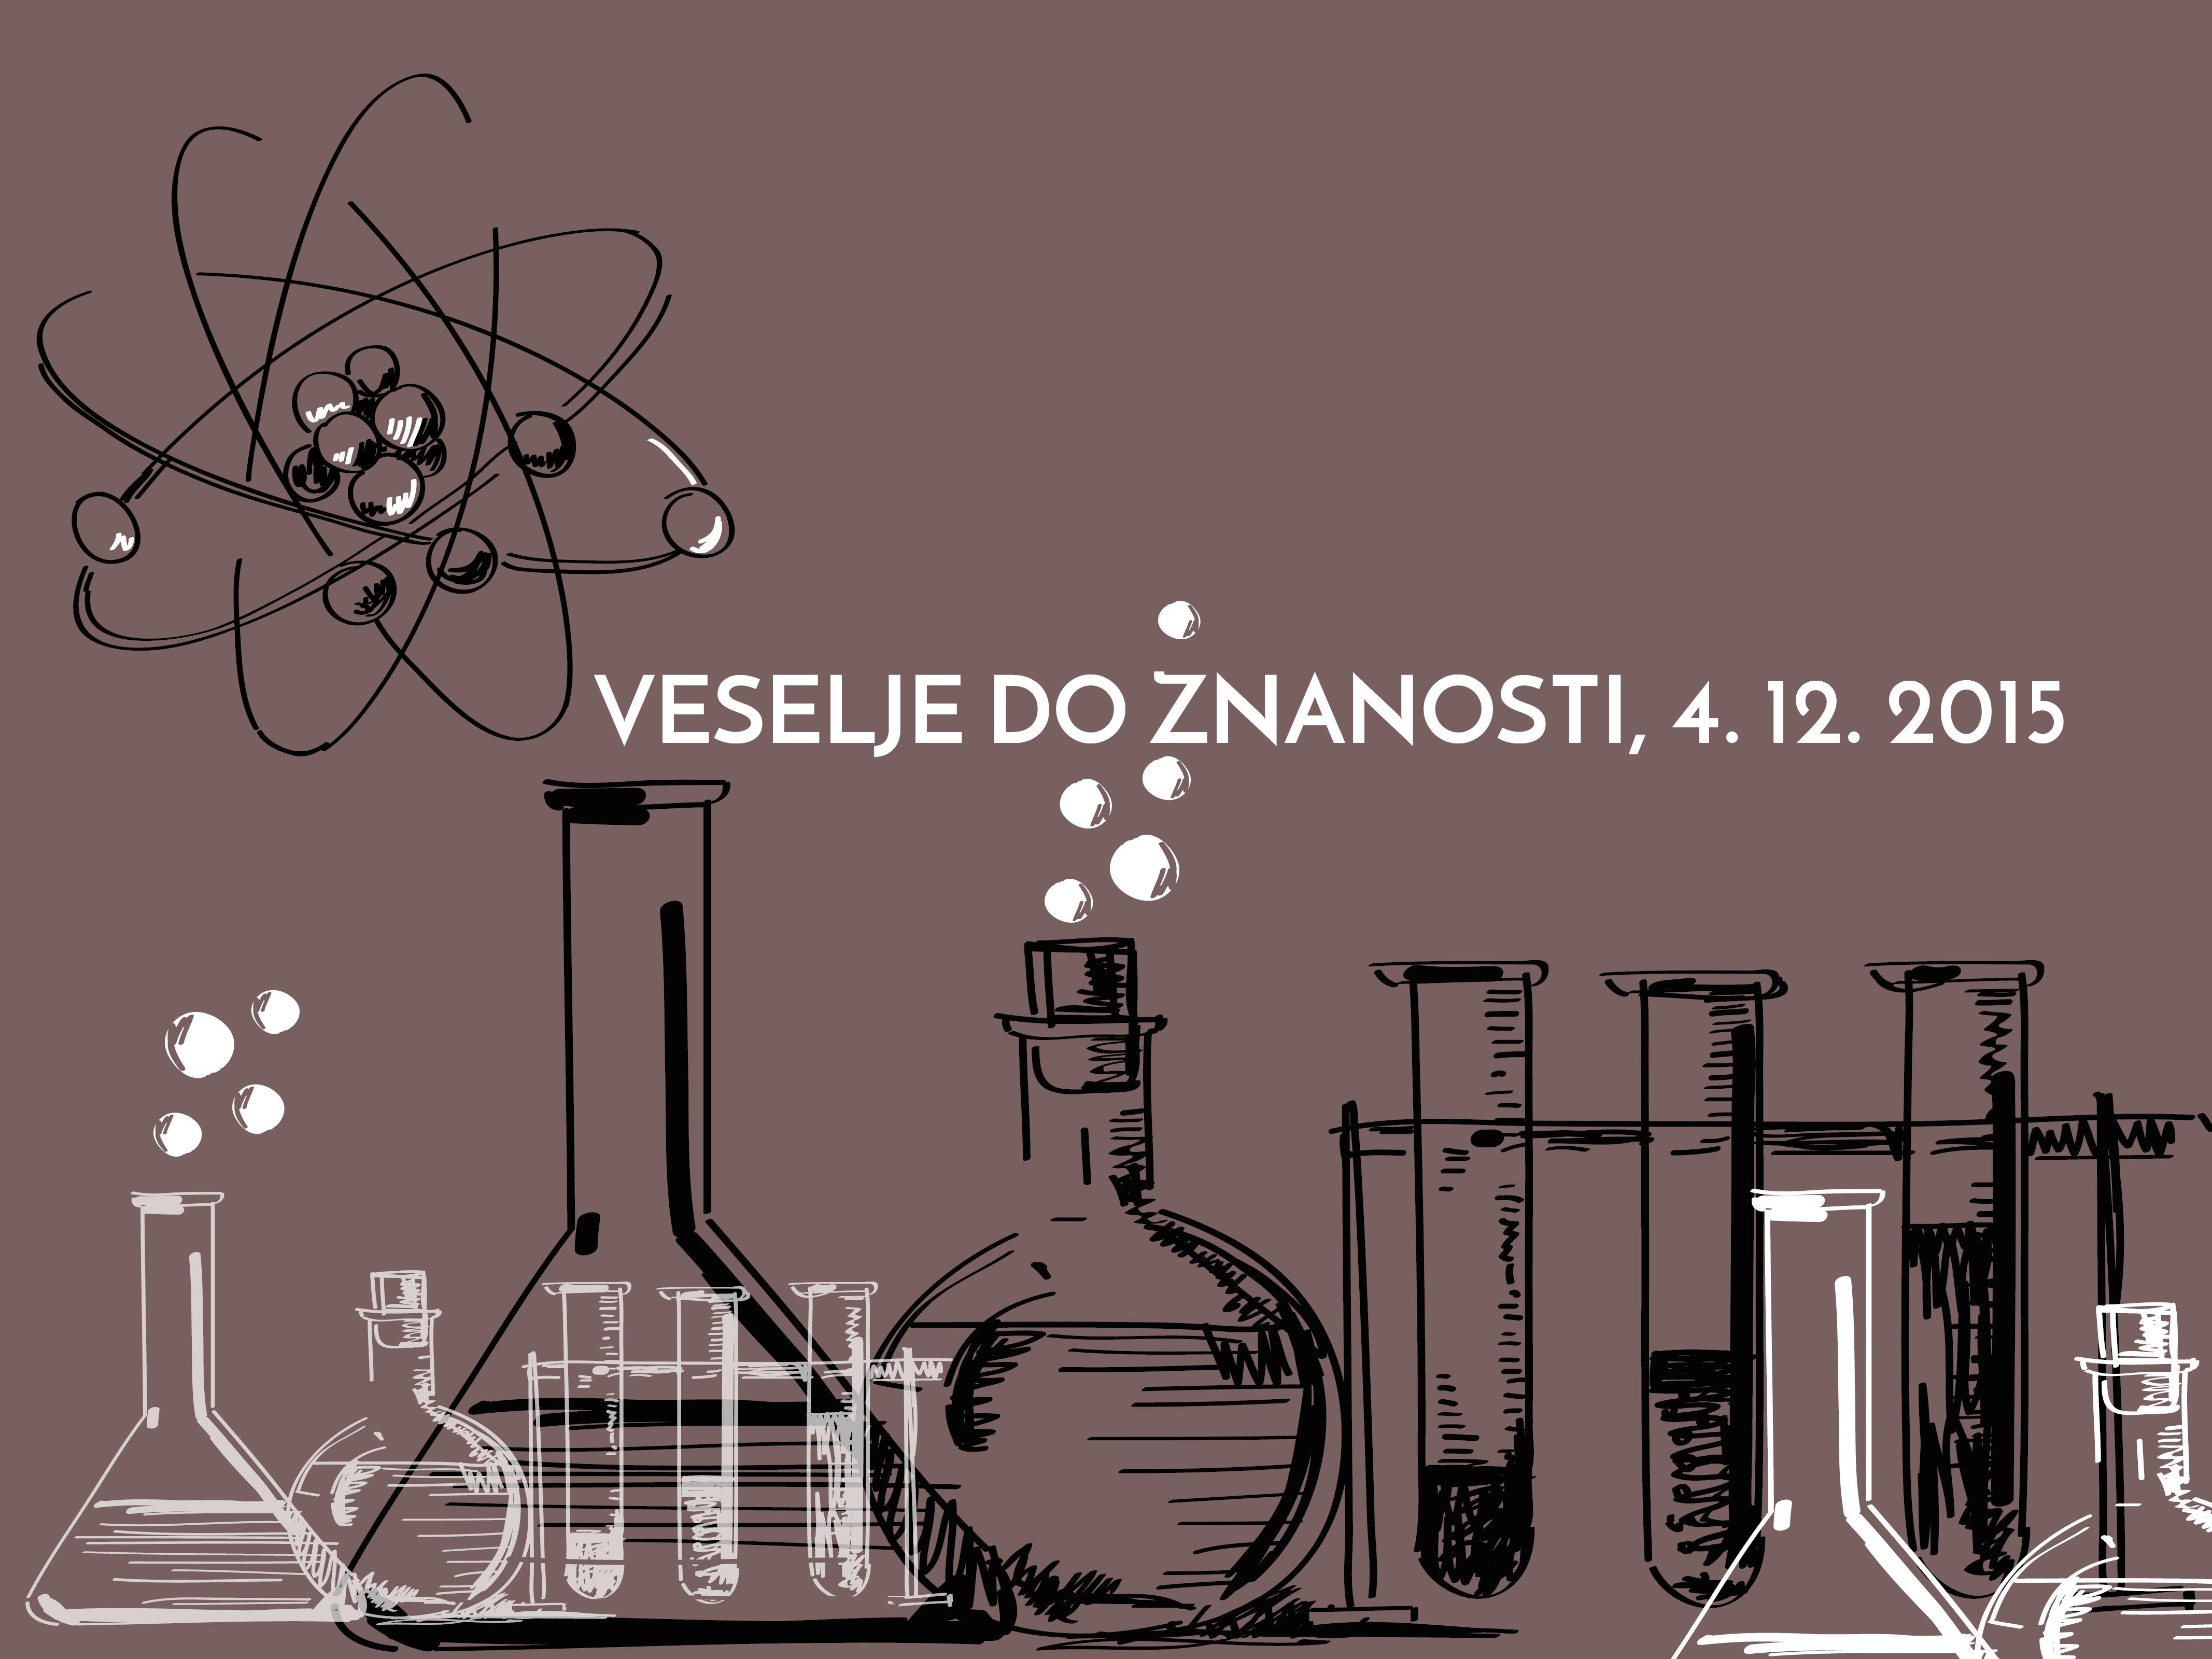 veselje.znanost.plazma